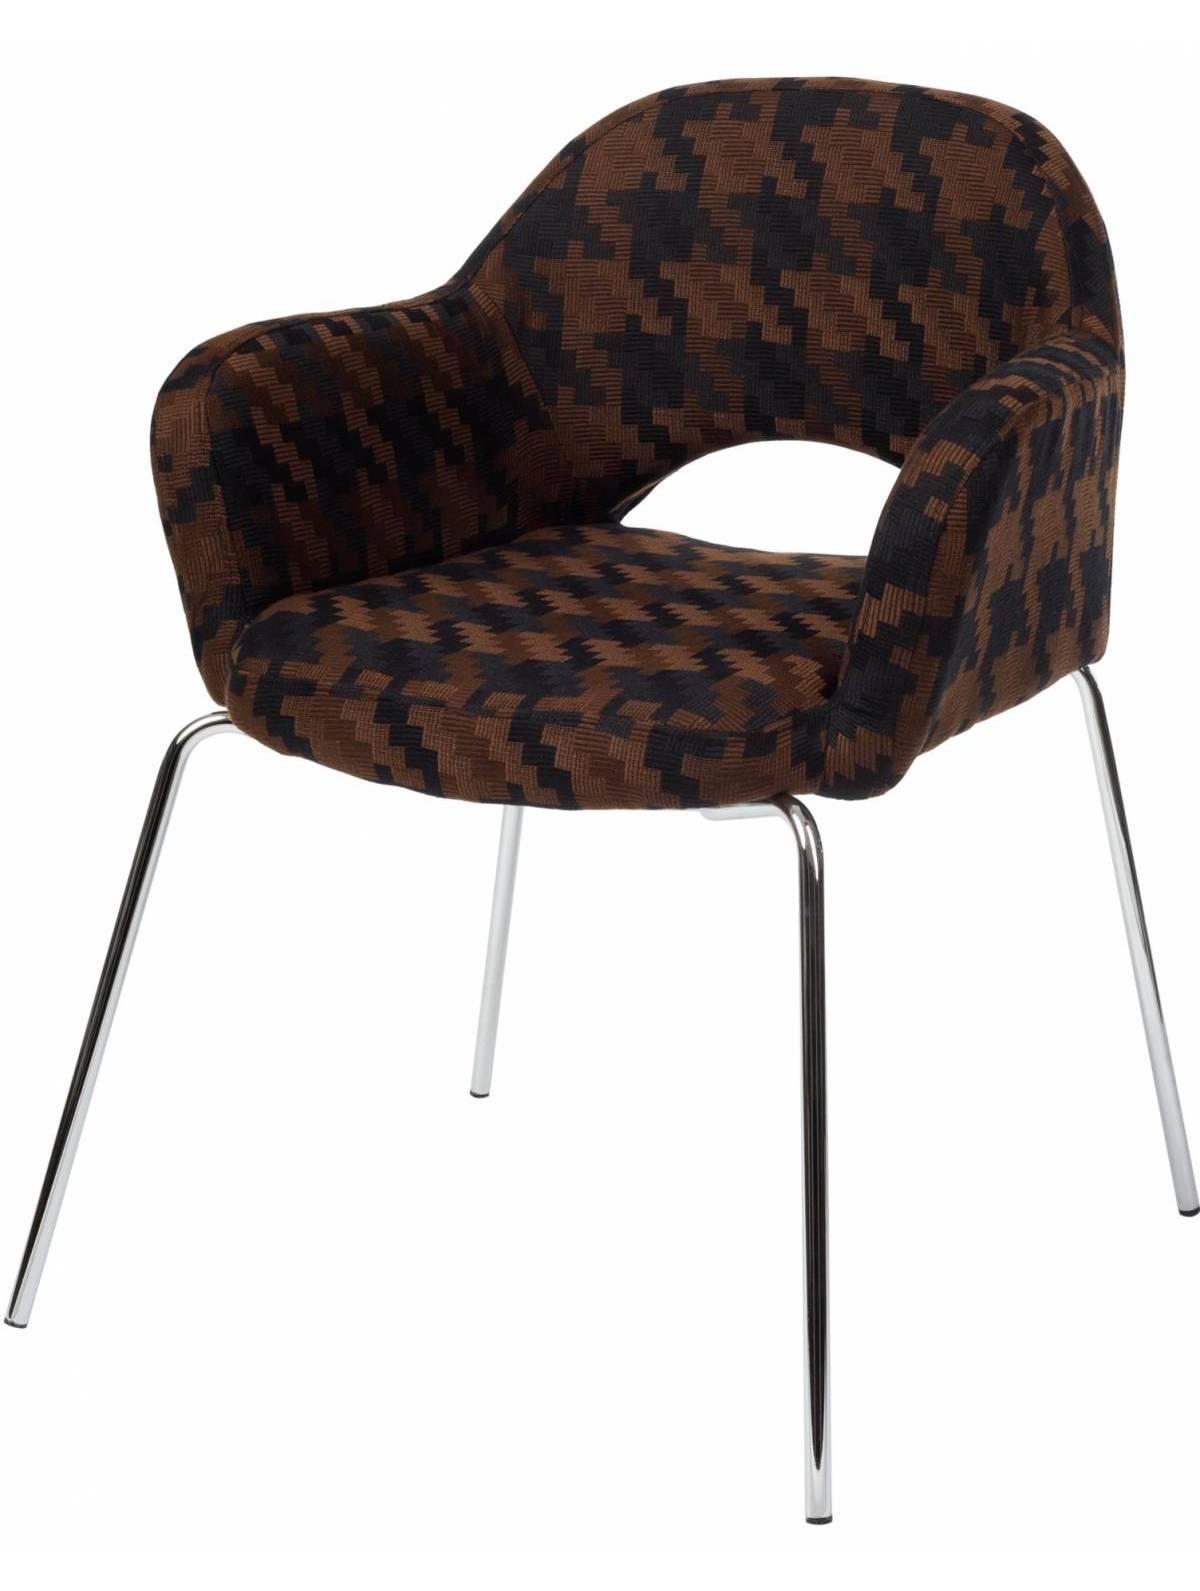 Купить стул Cordelia в Raroom